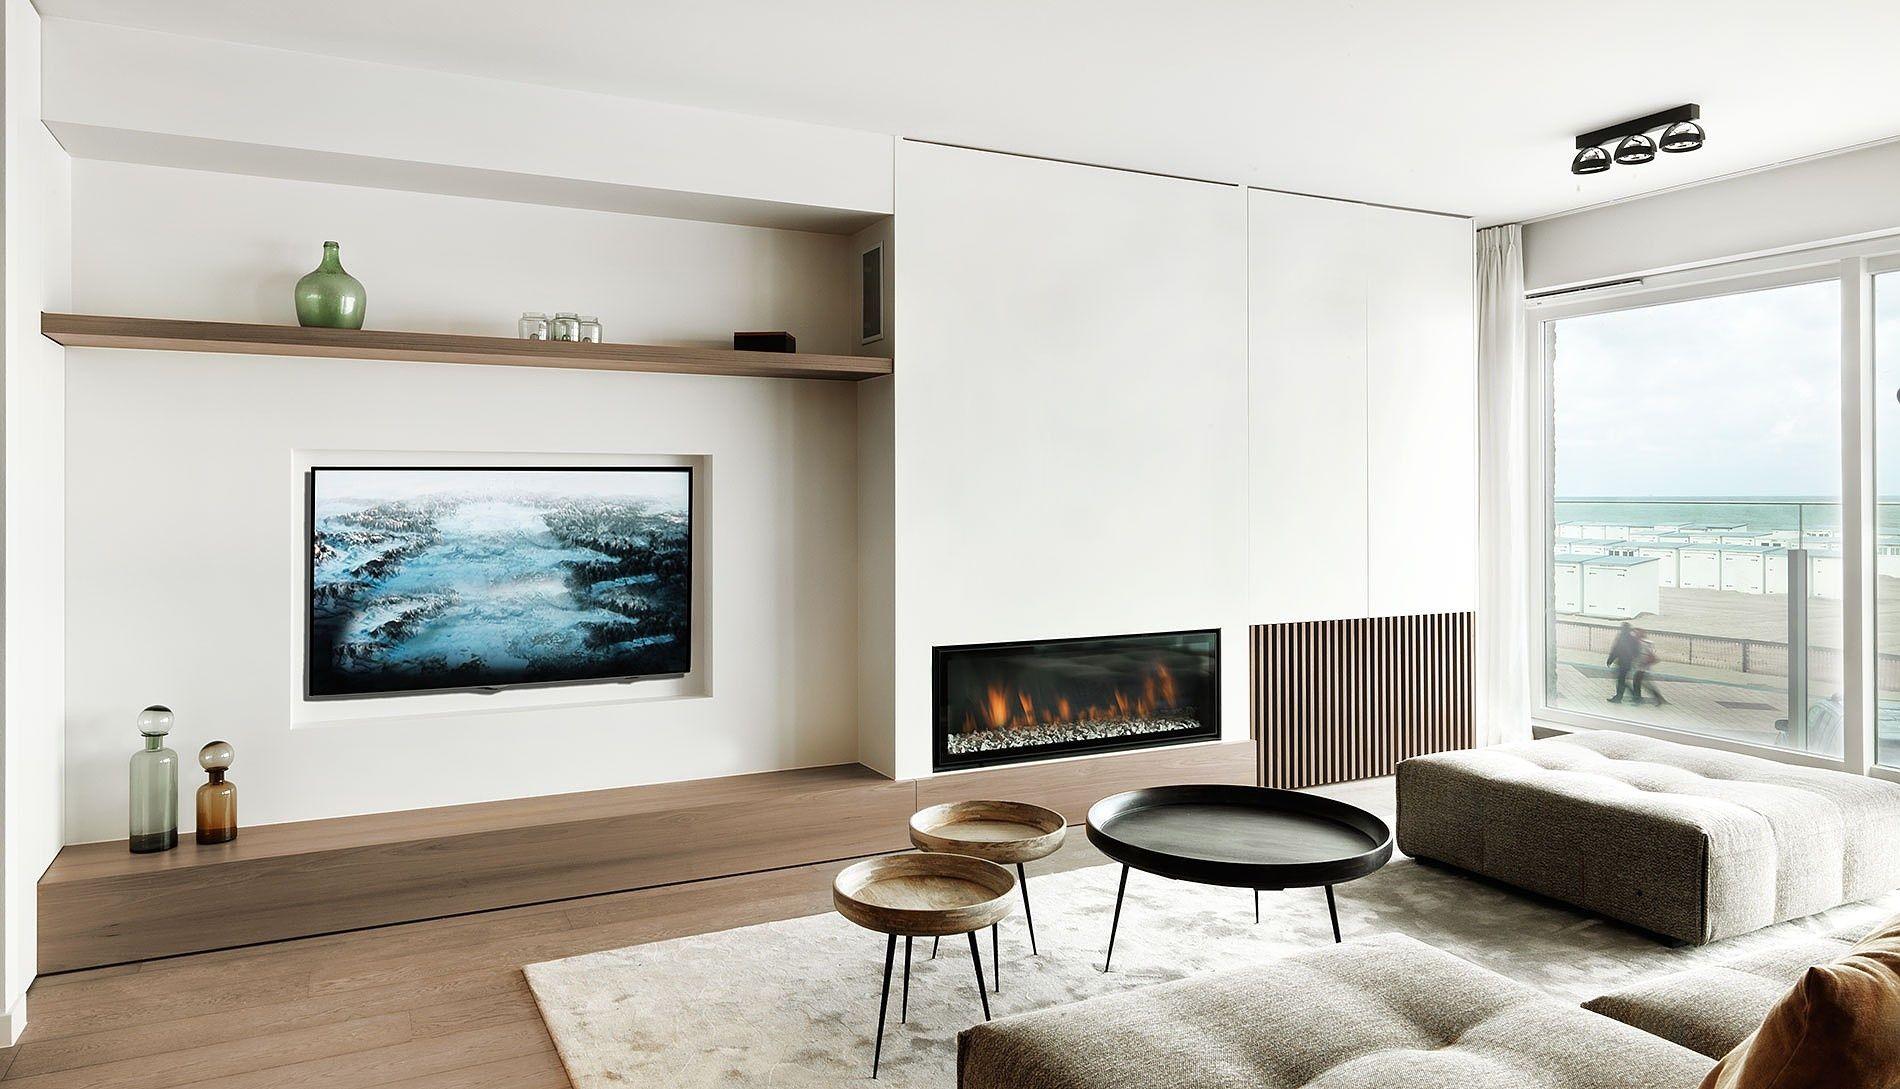 Interieur - meubels op maat Brugge - Oostende | Diapal Jabbeke, West ...